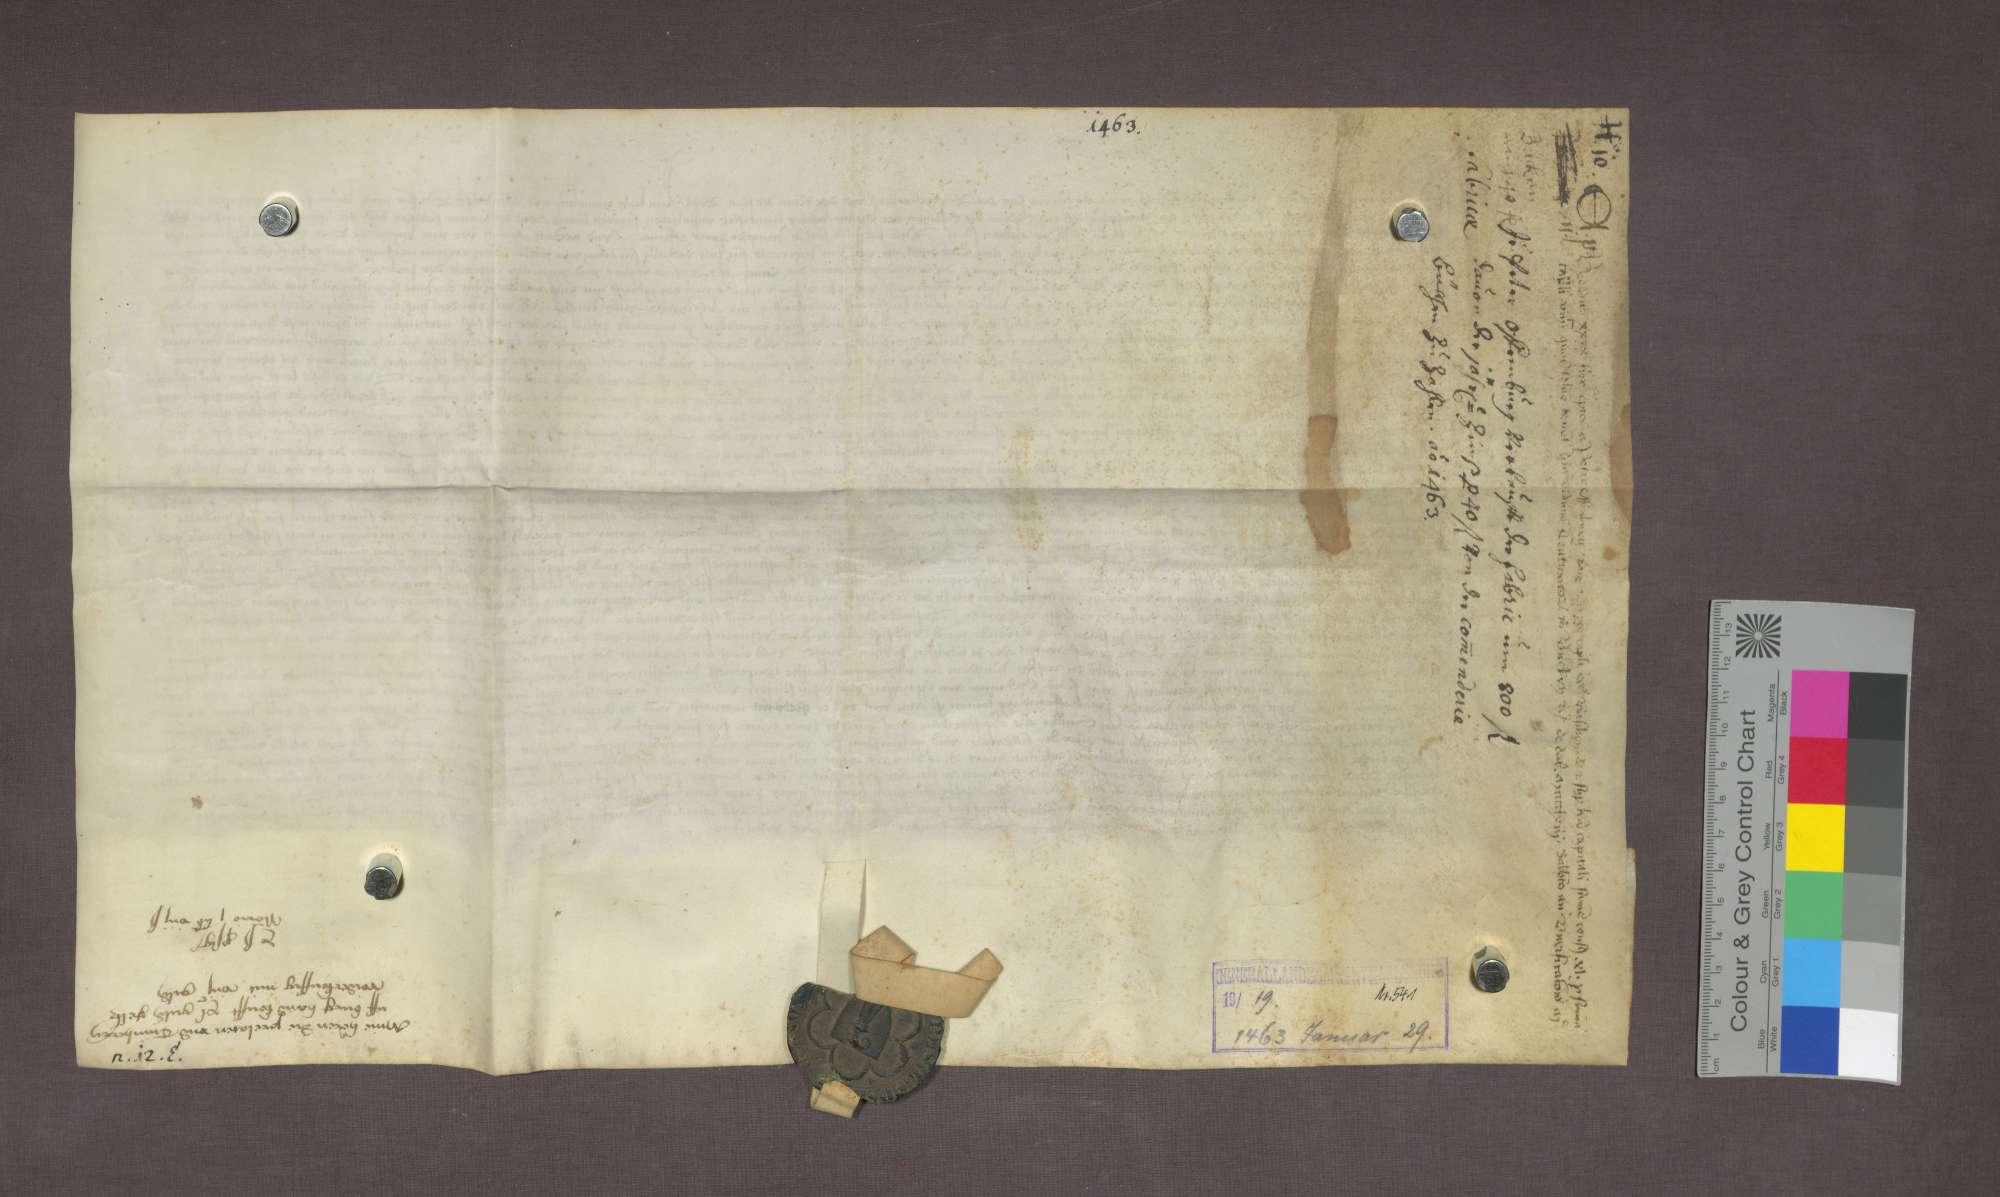 Peter Offenburg verkauft an das Basler Domkapitel eine Schuldverschreibung des Deutsch-Ordens-Hauses in Beuggen, Bild 3